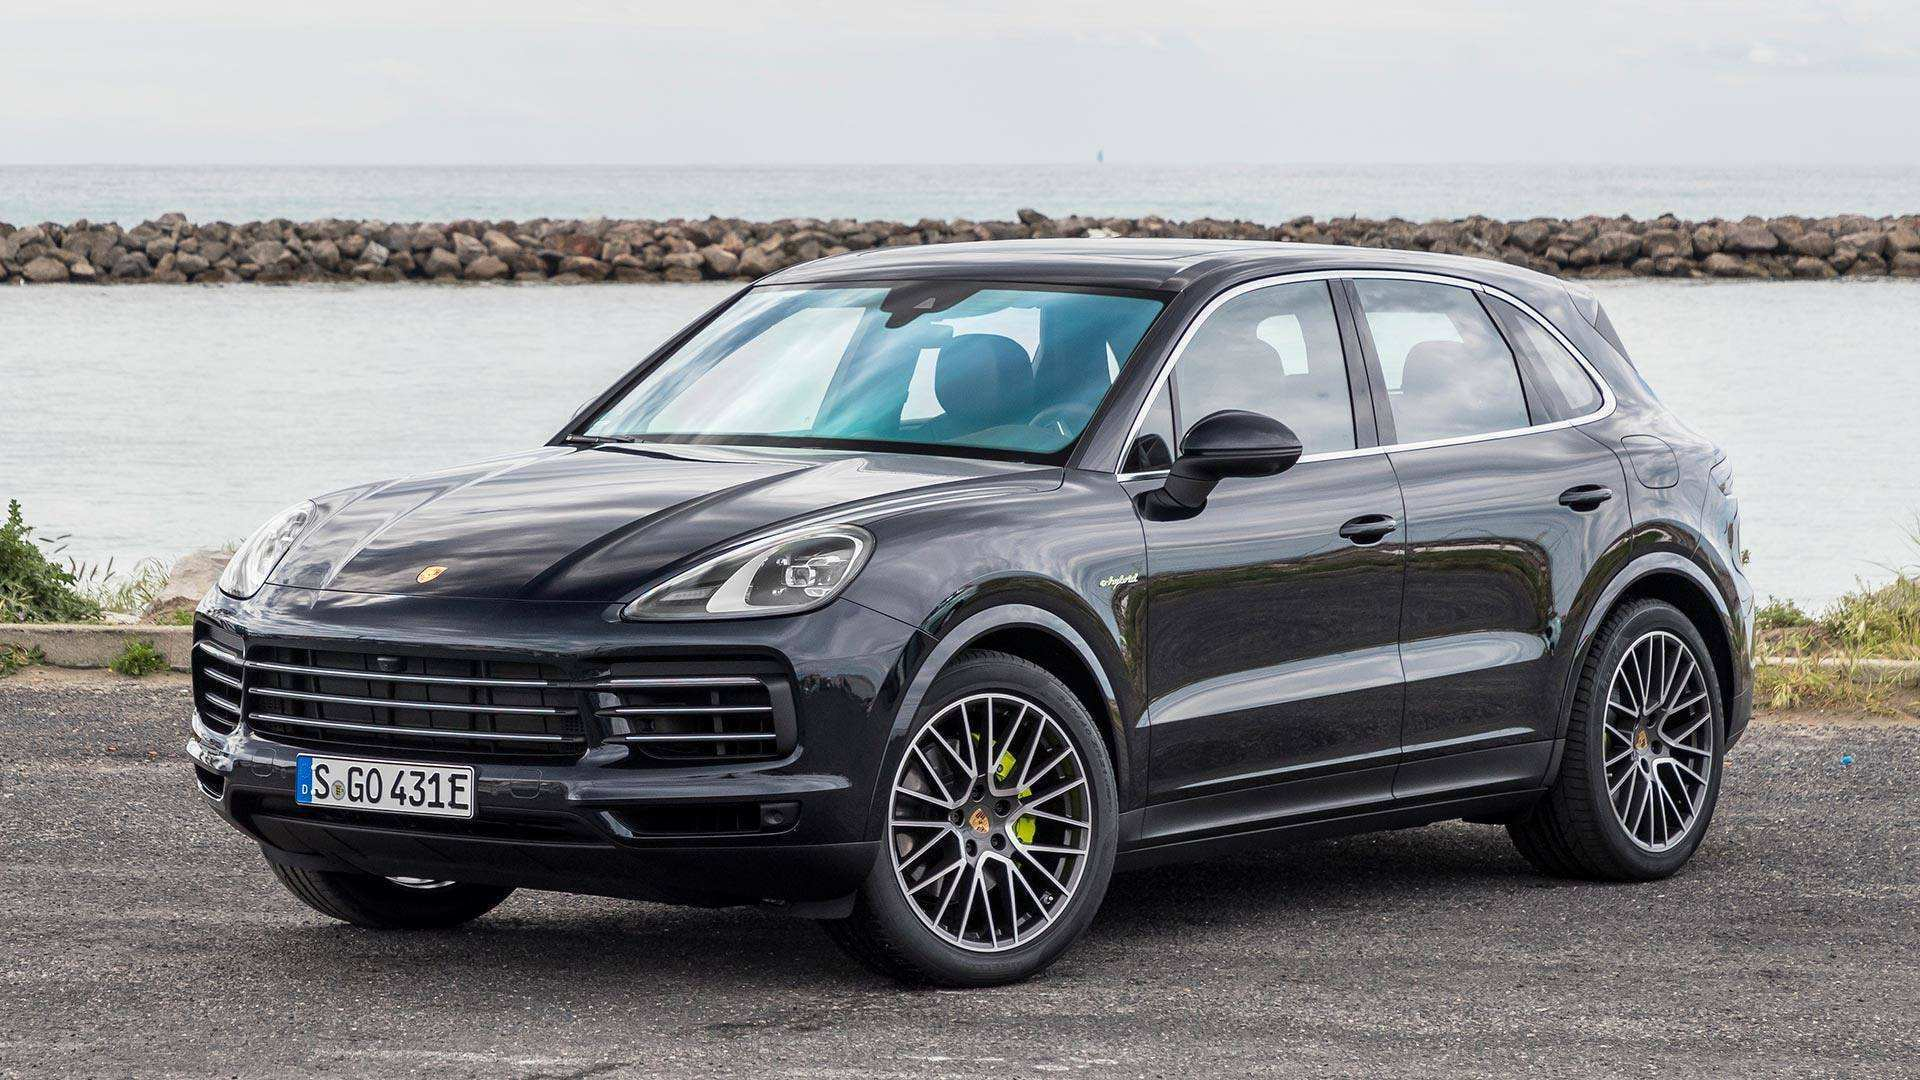 25 New 2019 Porsche E Hybrid Style for 2019 Porsche E Hybrid